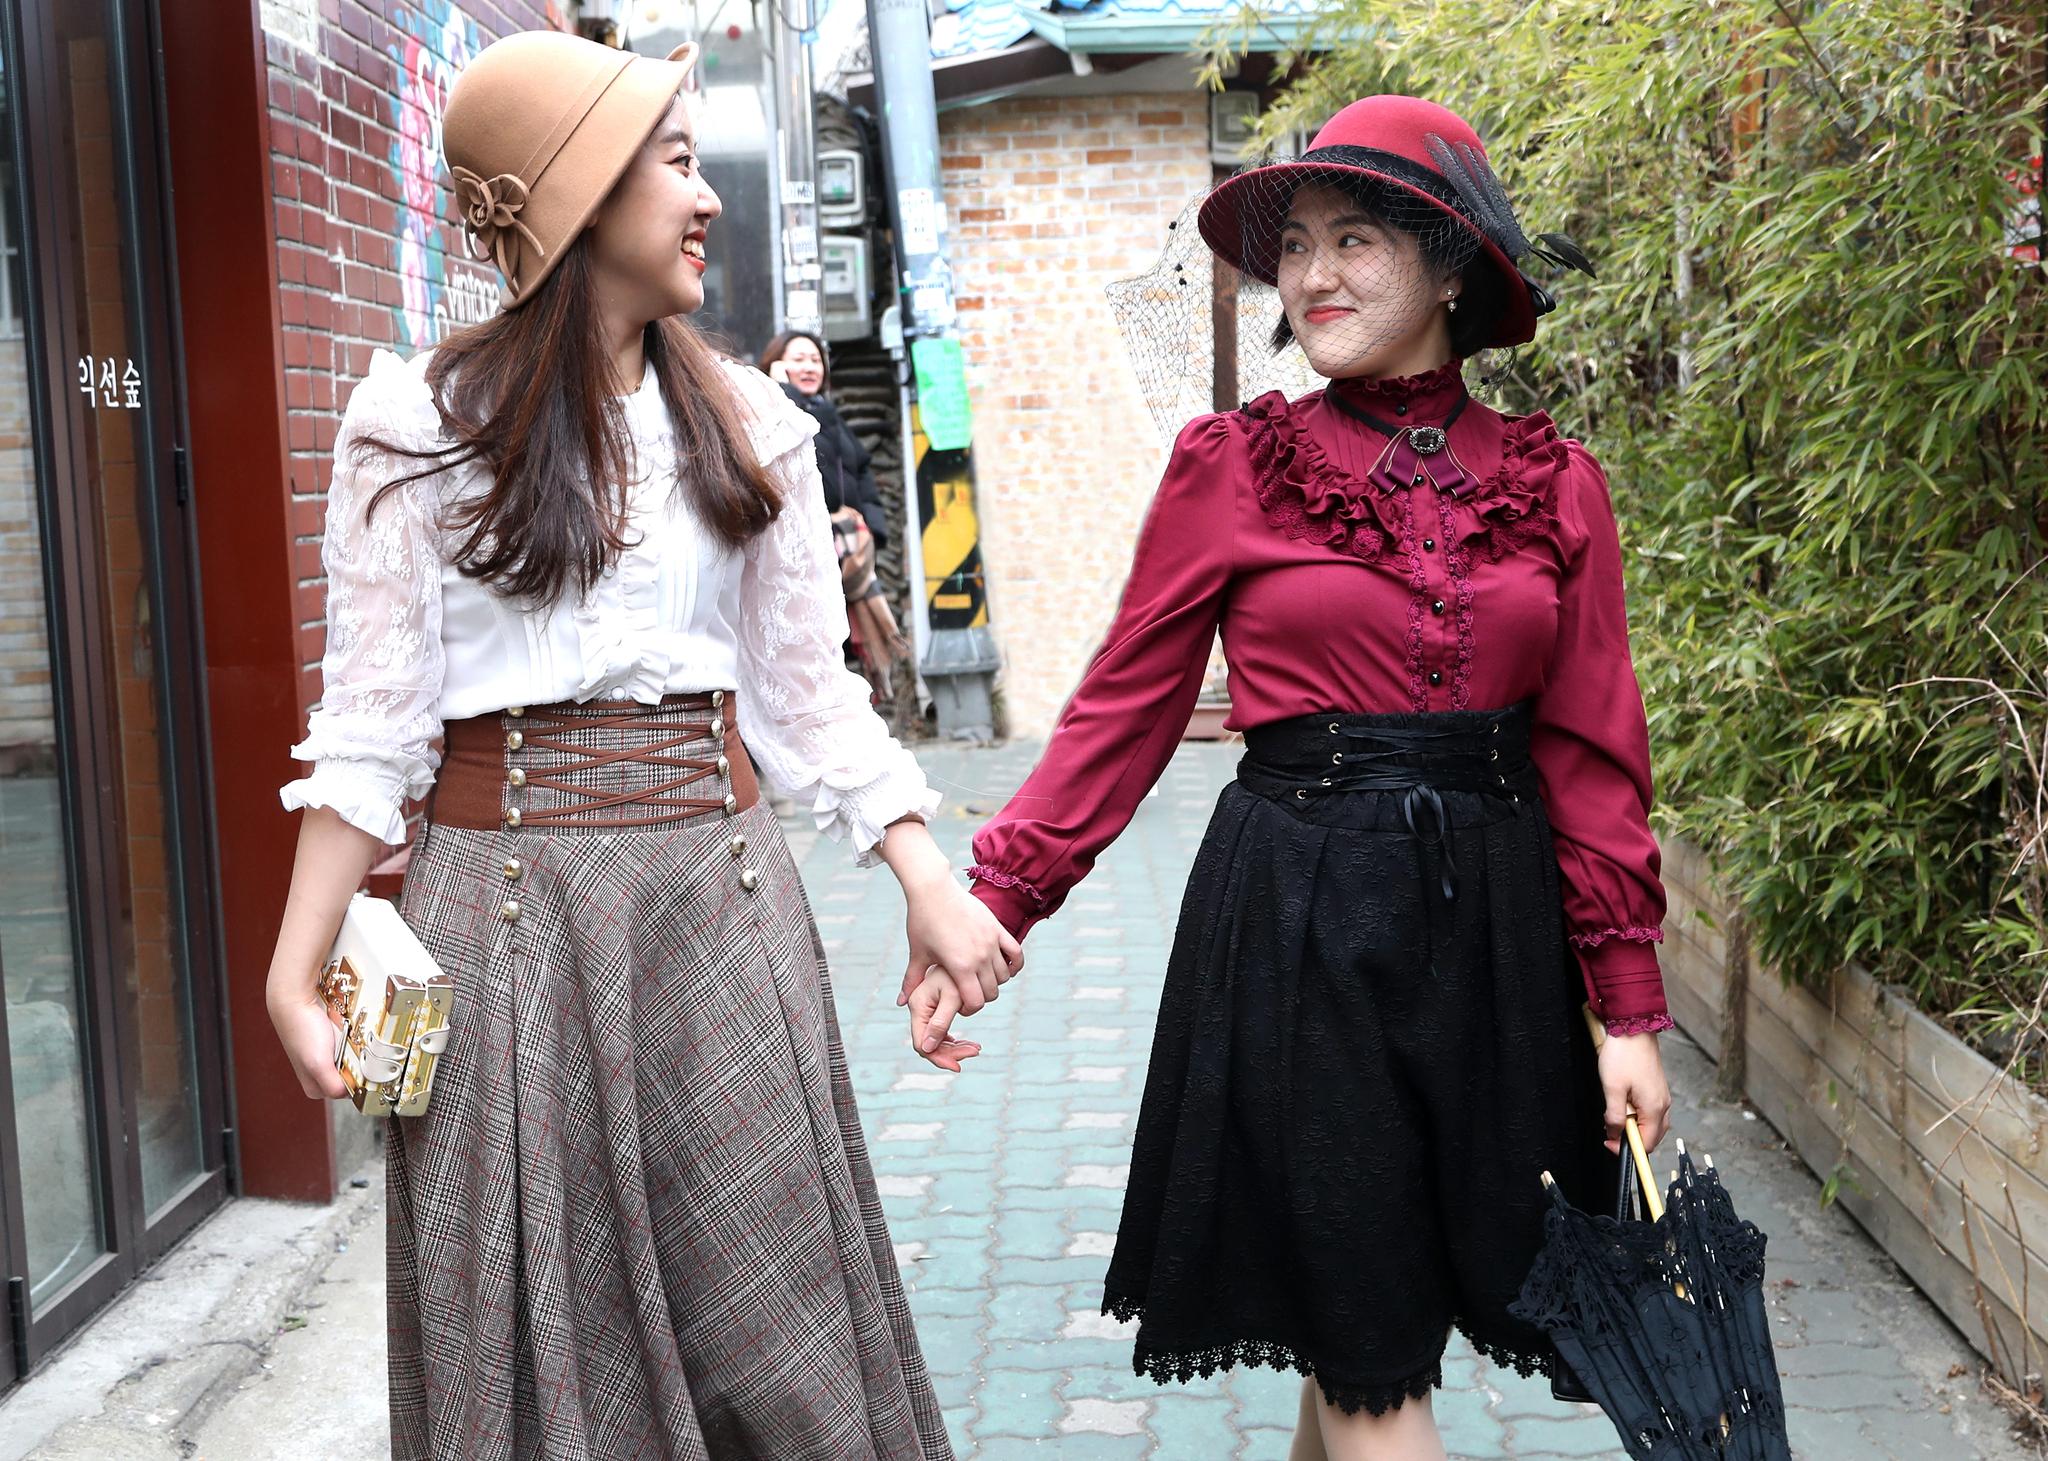 설 연휴 서울 종로 익선동을 찾은 장진영(왼쪽)씨와 홍지혜씨가 개화기 의상을 입고 골목길을 걷고 있다. 최승식 기자